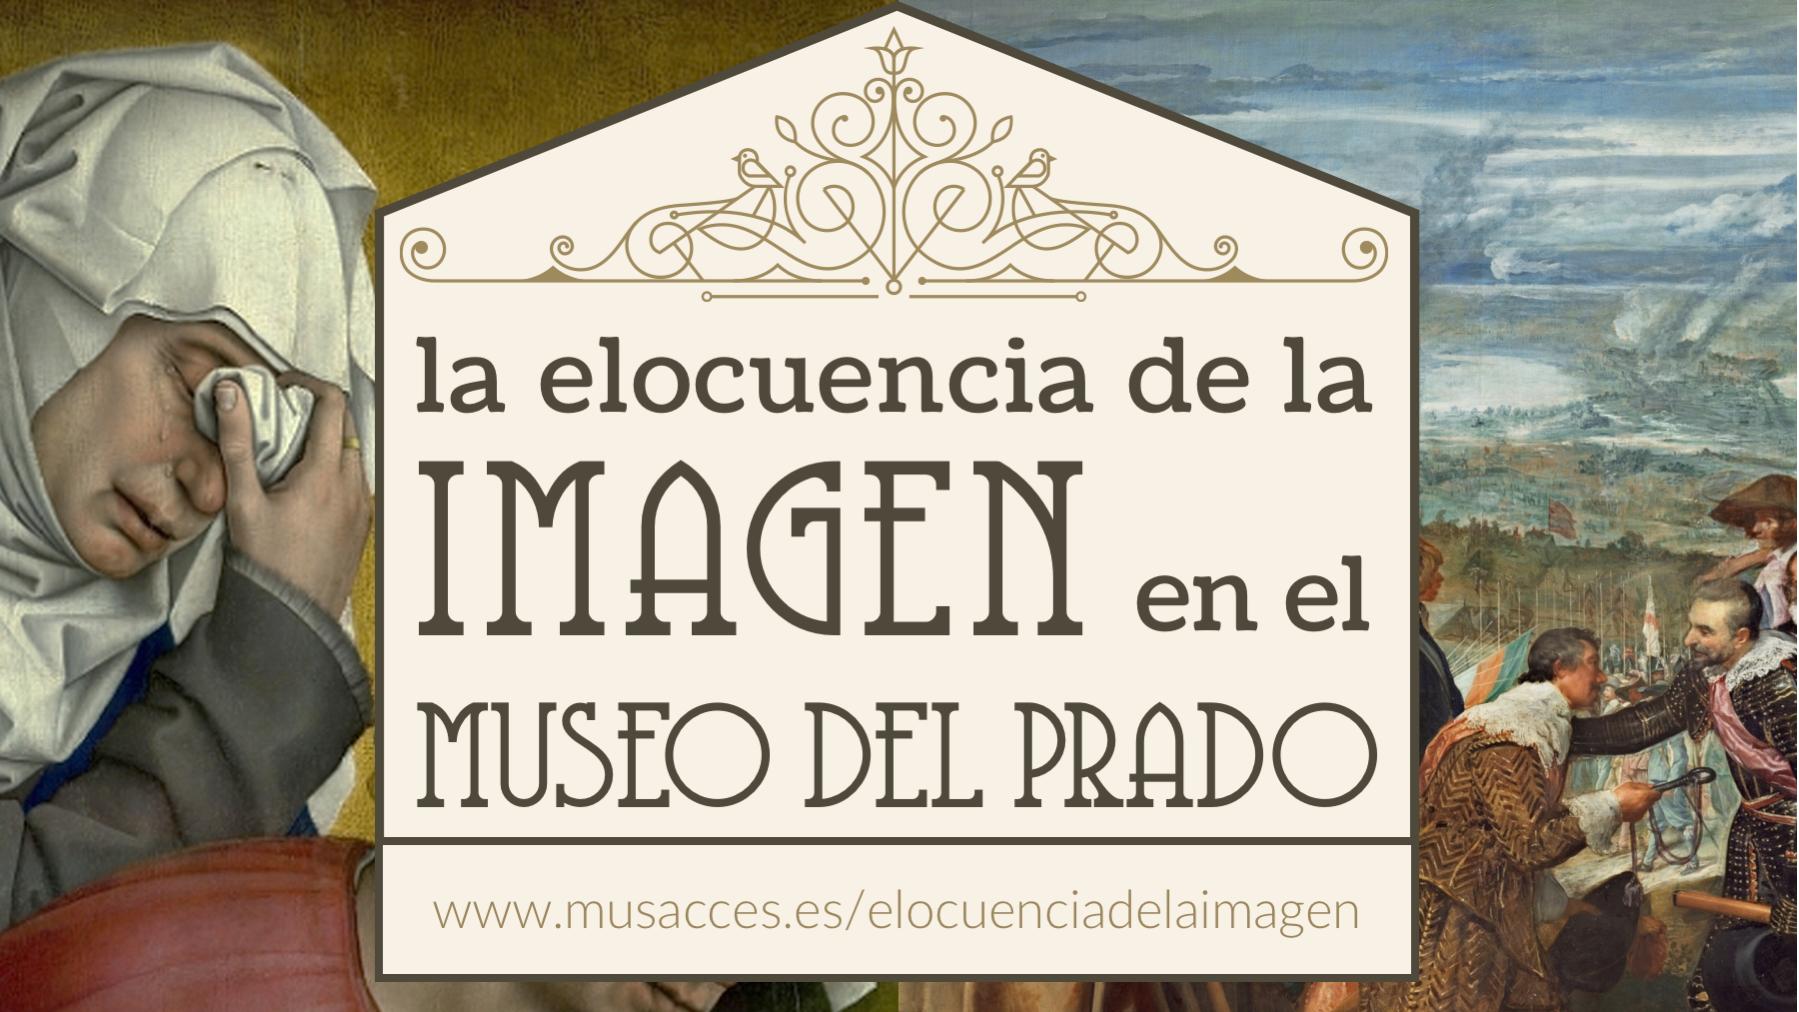 La elocuencia de la Imagen en el Museo del Prado